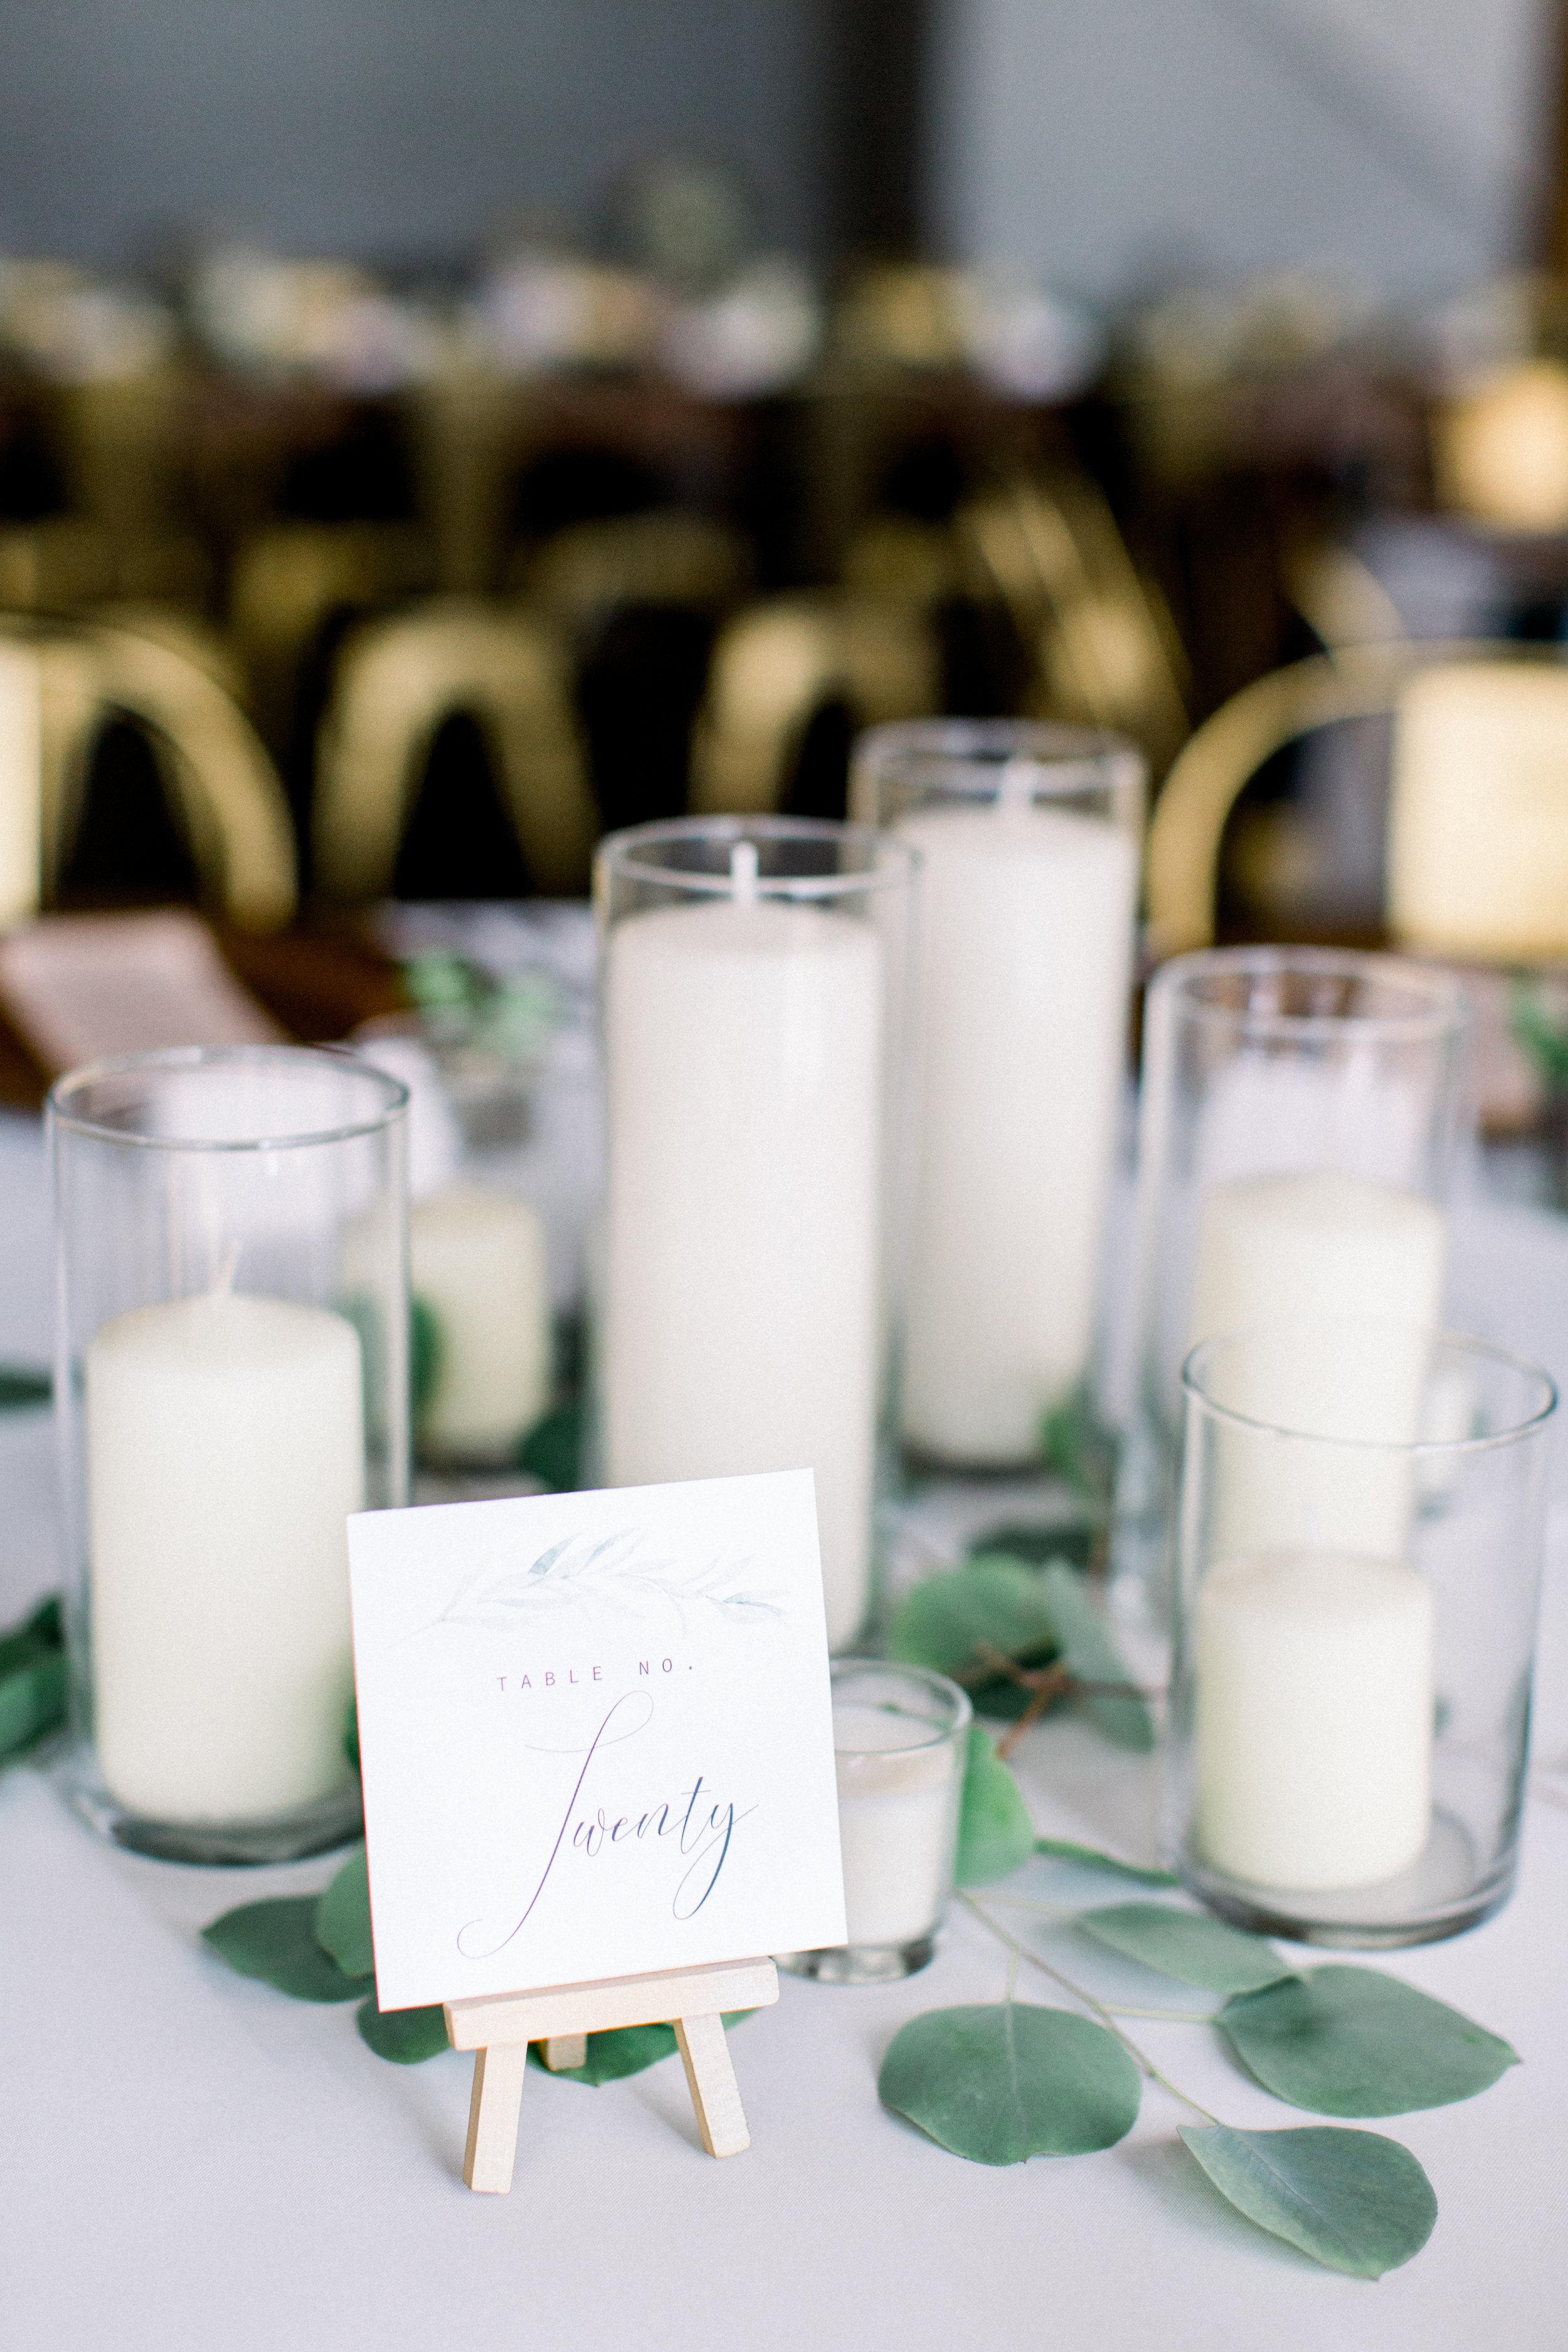 Steiner+Wedding+Reception+Details-35.jpg